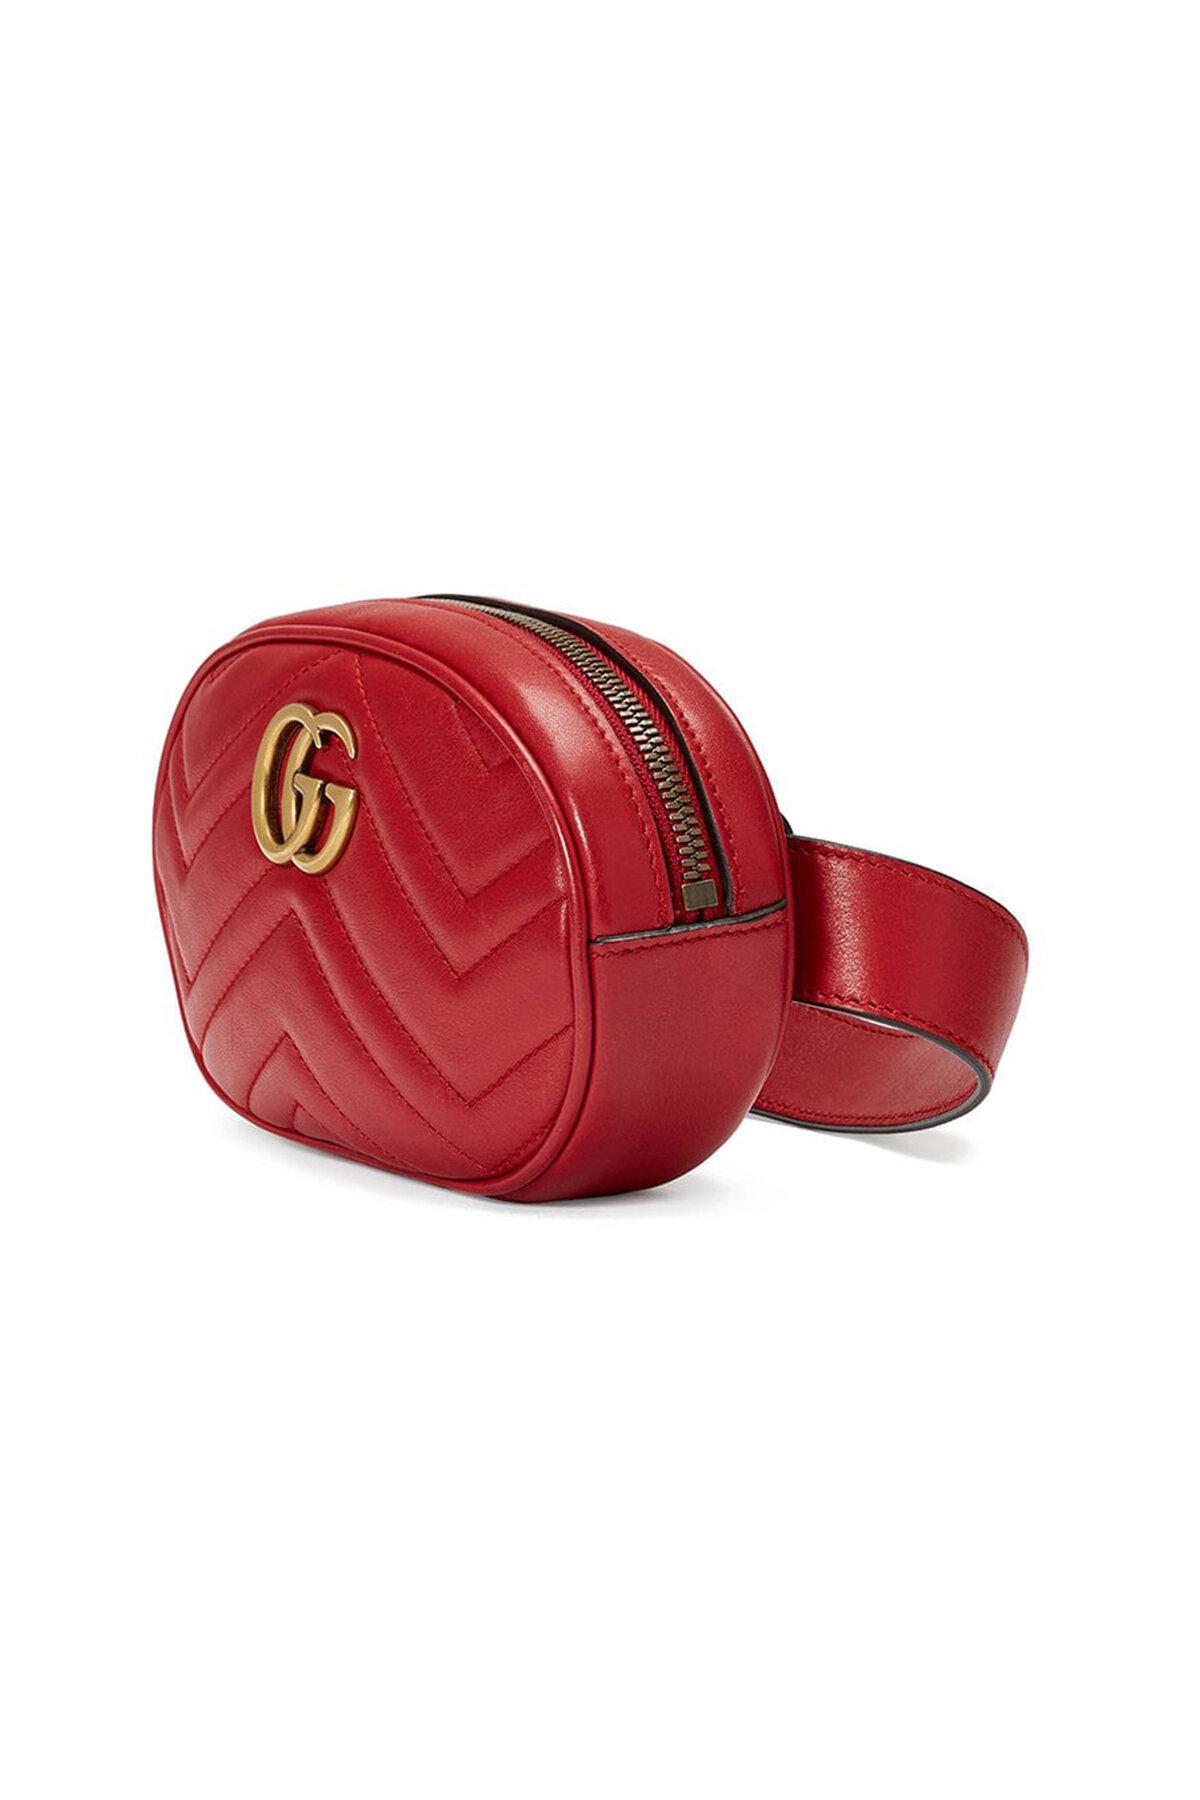 Поясная сумочка GG Marmont в Новокузнецке